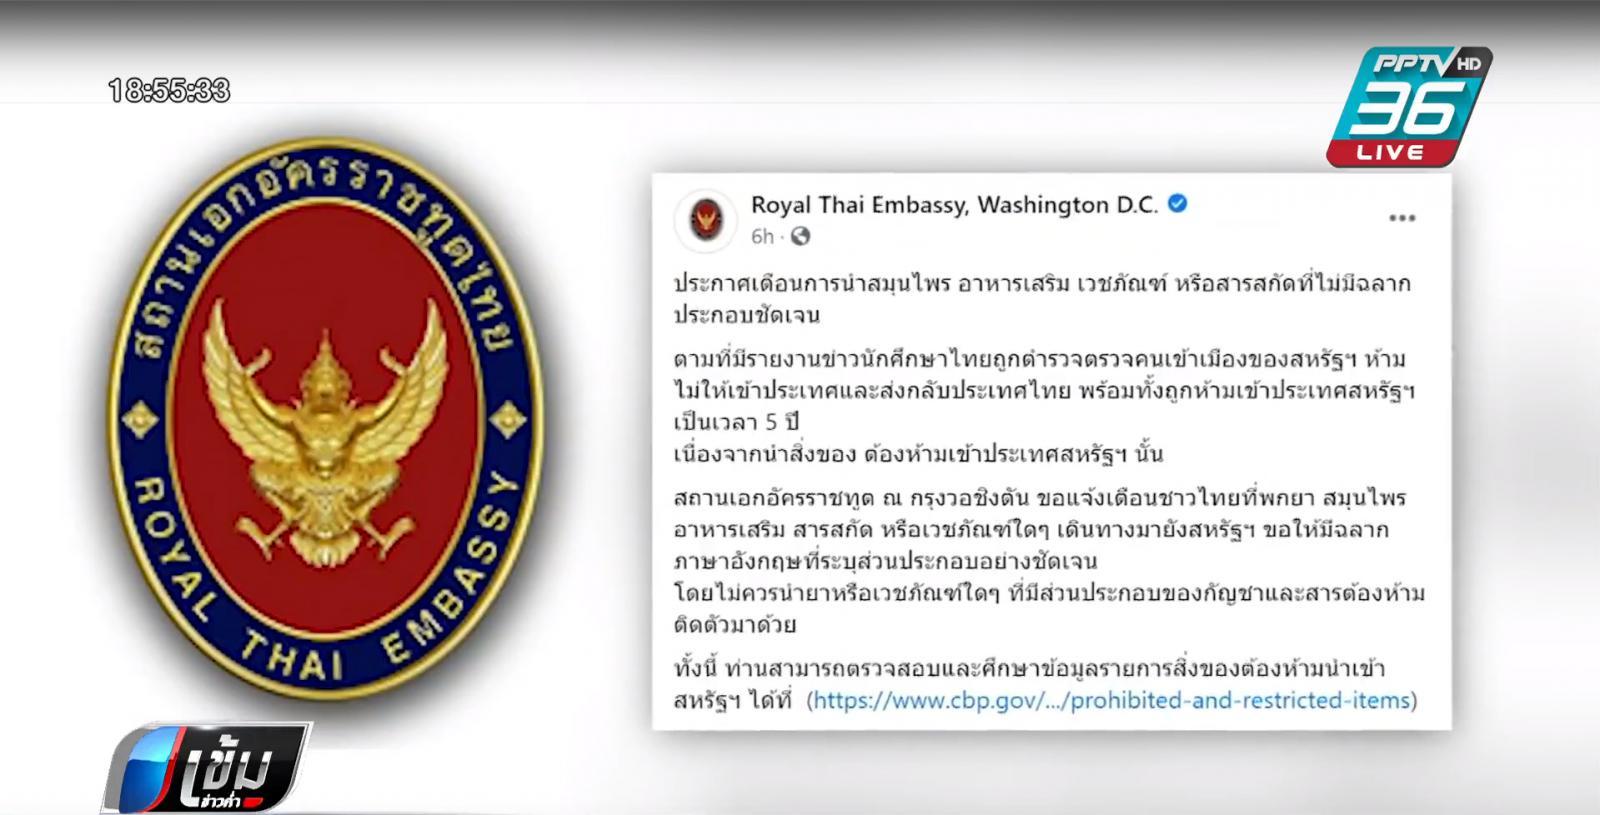 """สถานทูตไทยกรุงวอชิงตัน เตือน พก """"สมุนไพร"""" ไปสหรัฐฯต้องมีฉลากภาษาอังกฤษ  - ห้ามมีส่วนผสมกัญชา"""